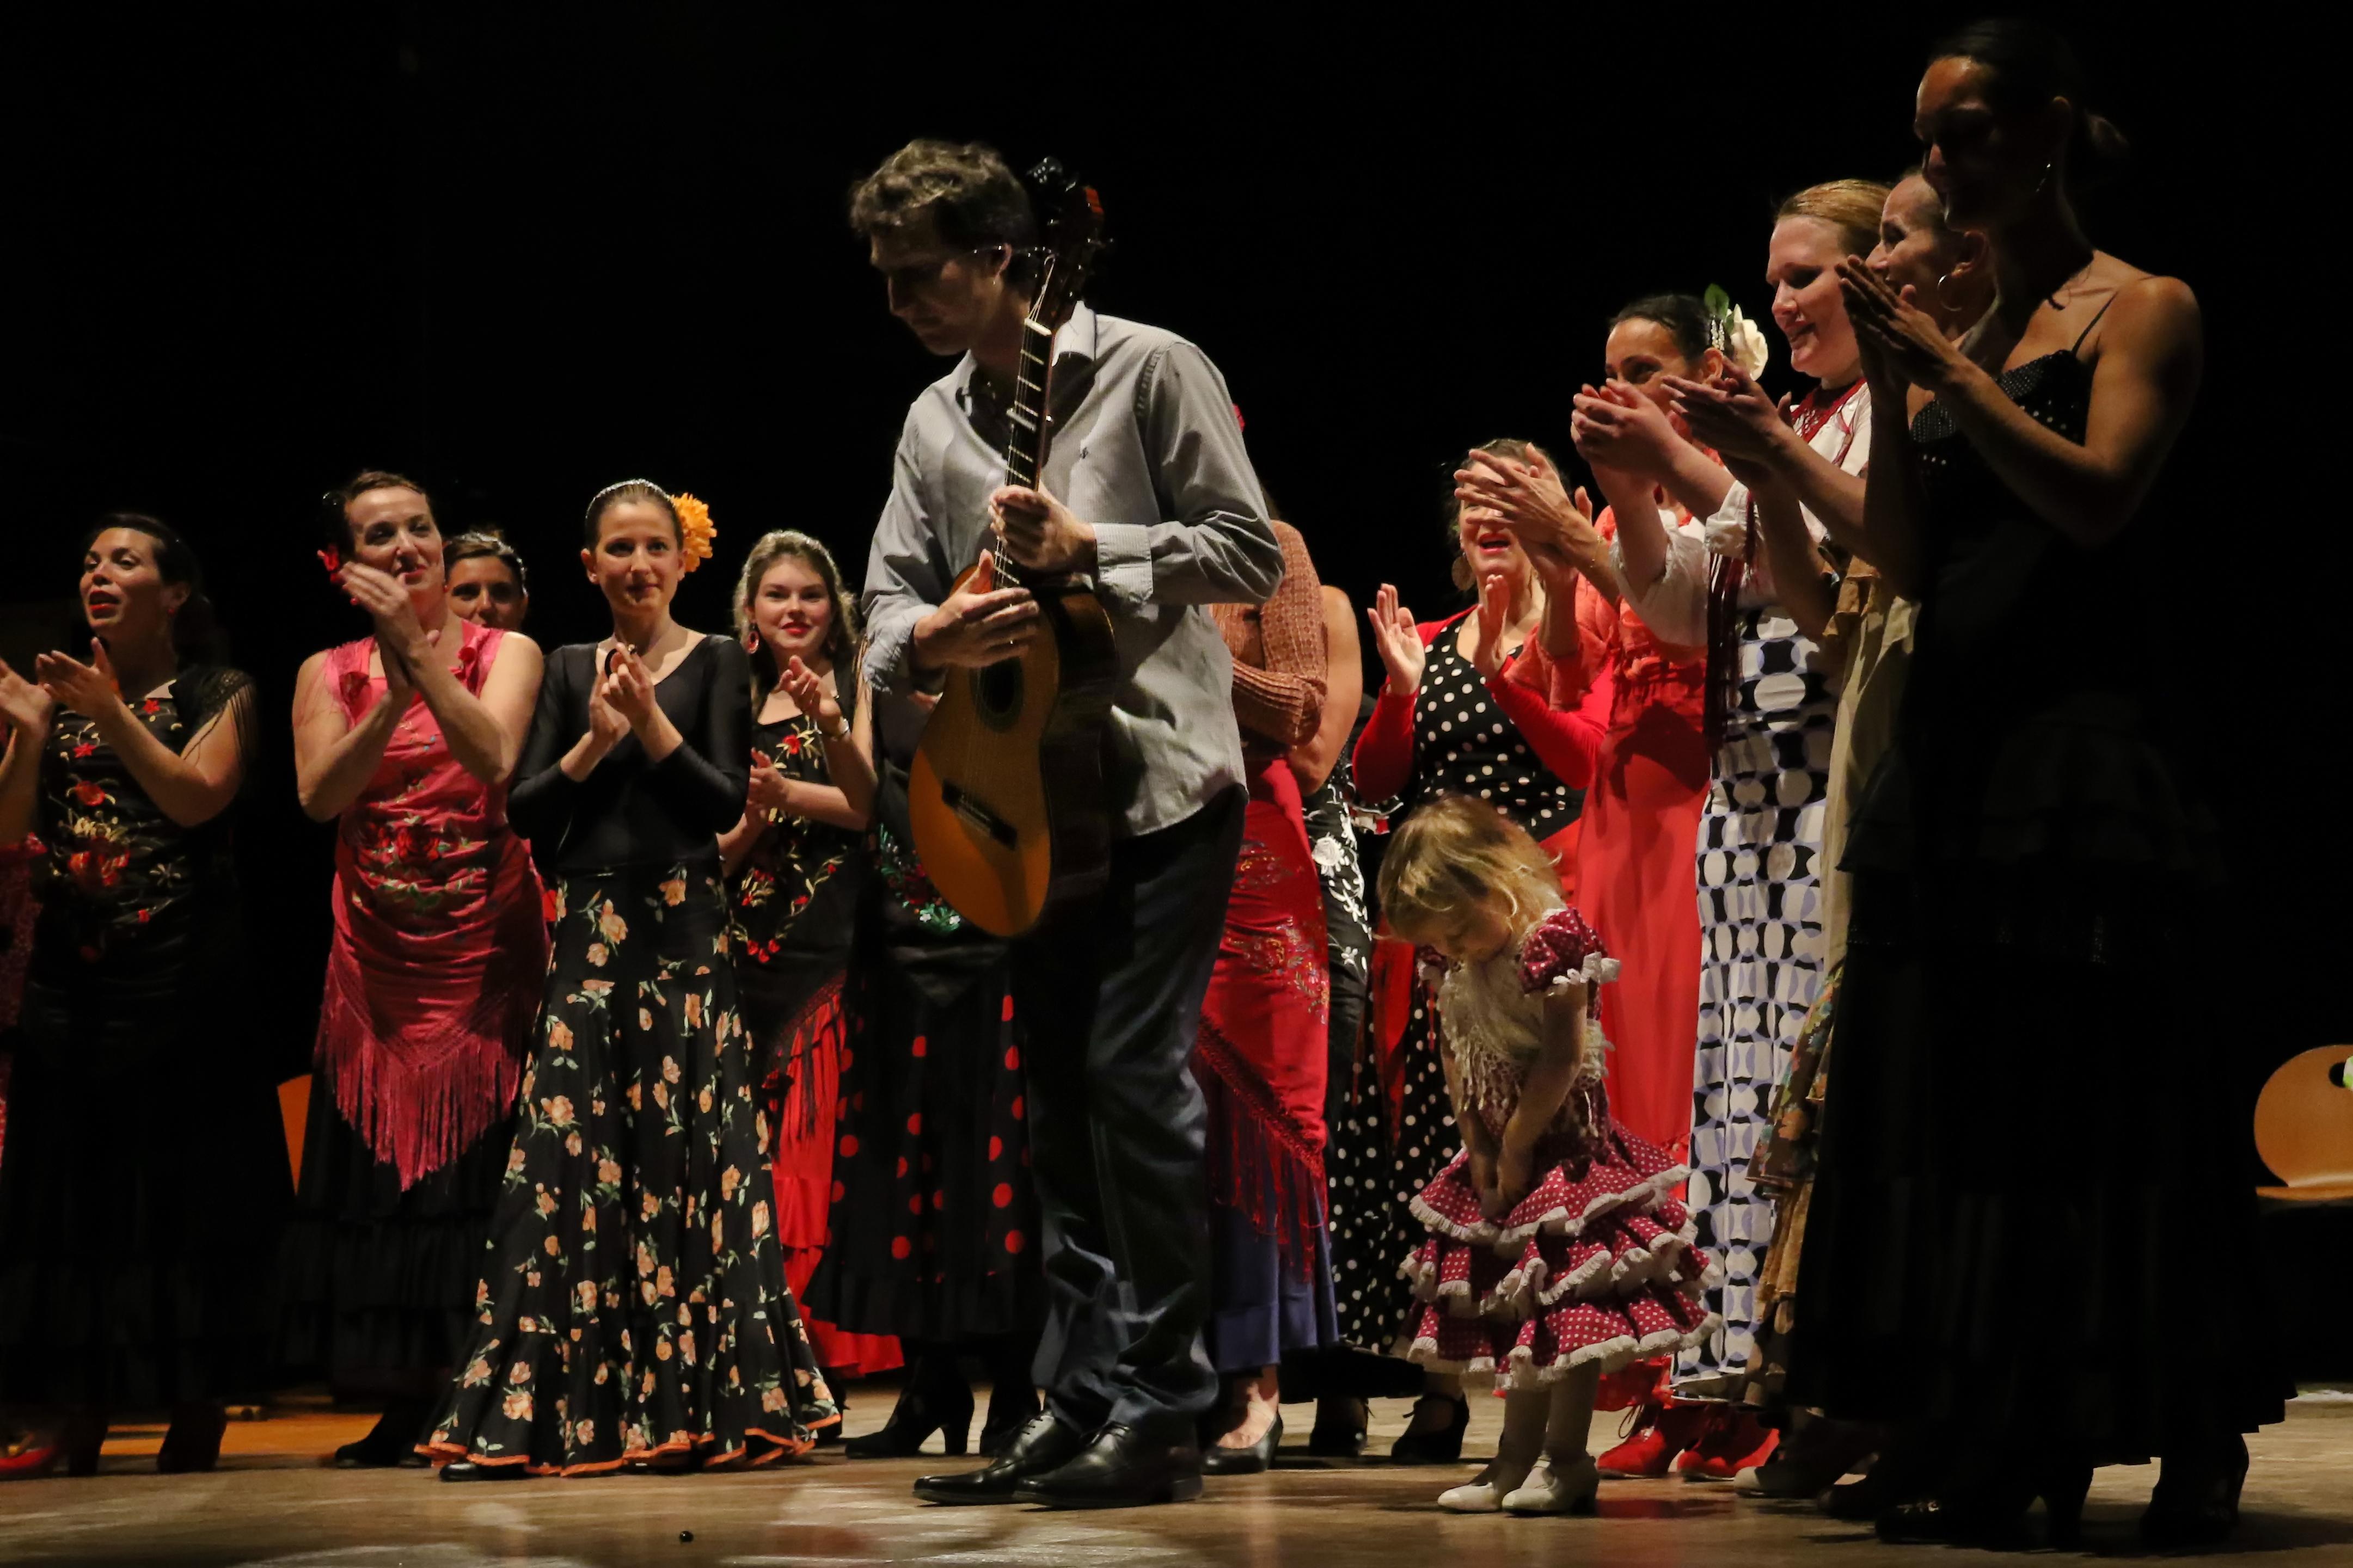 concert flamenco bonneville